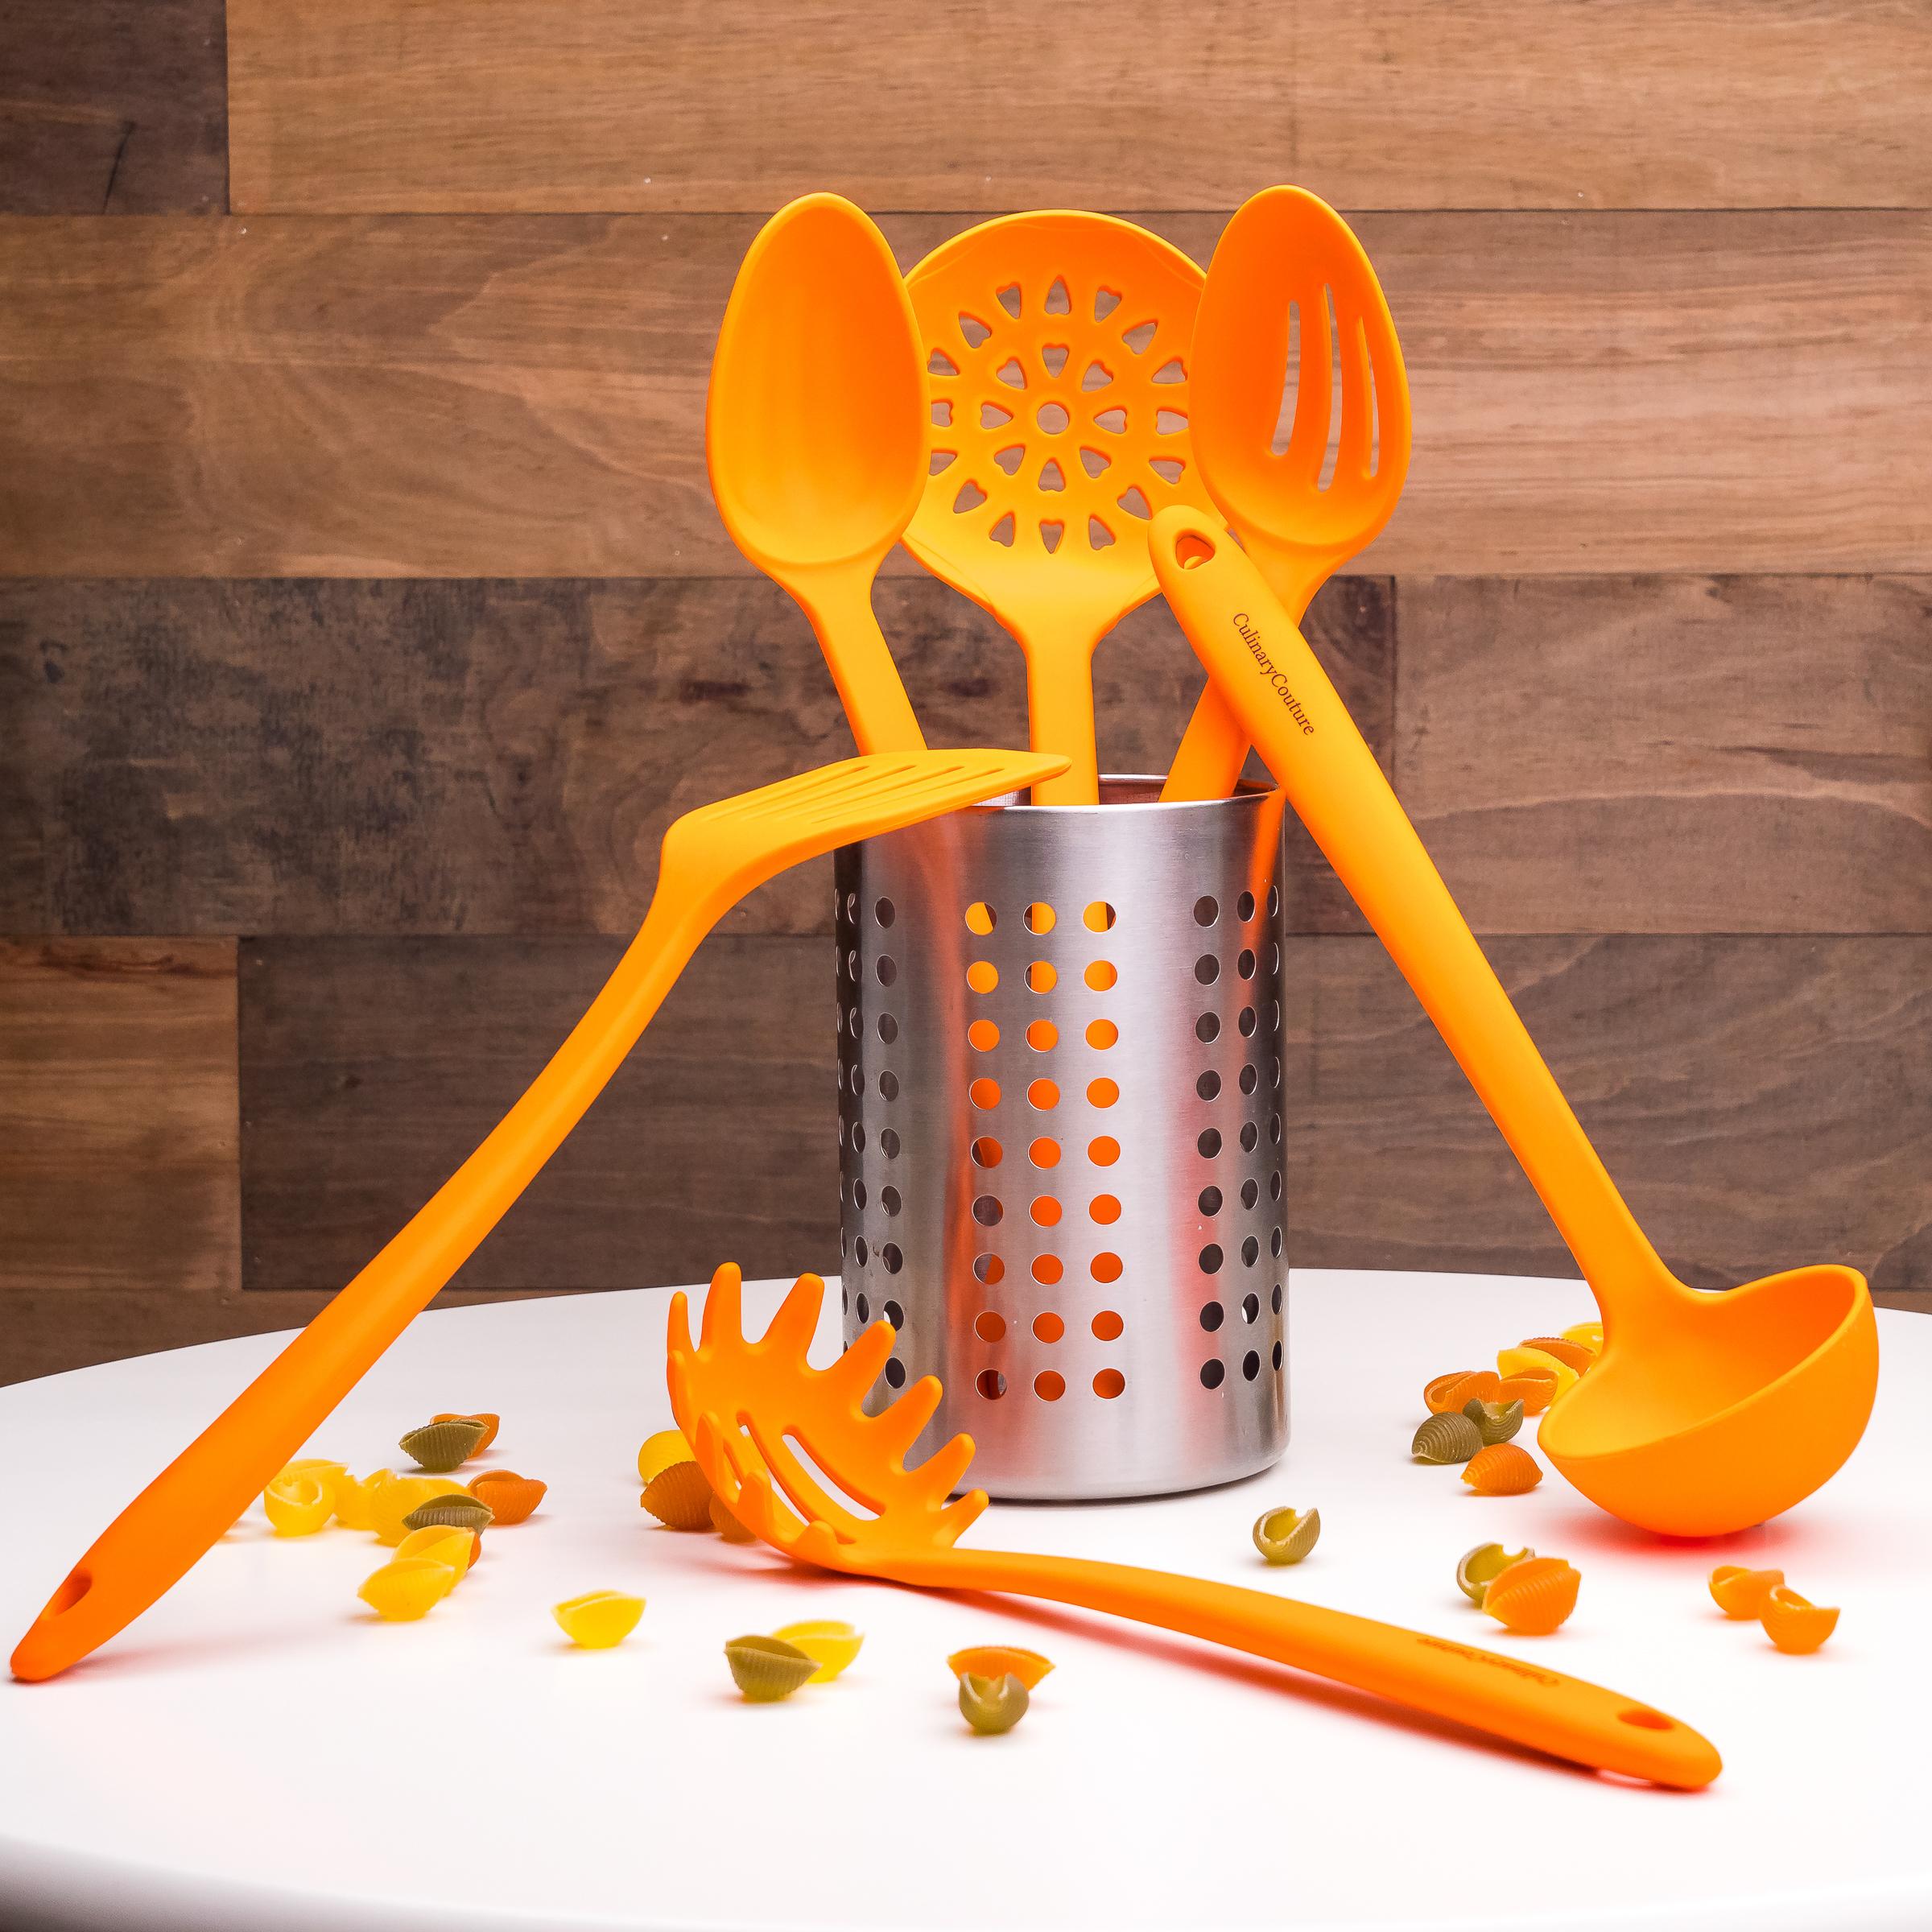 Orange Utensils Set